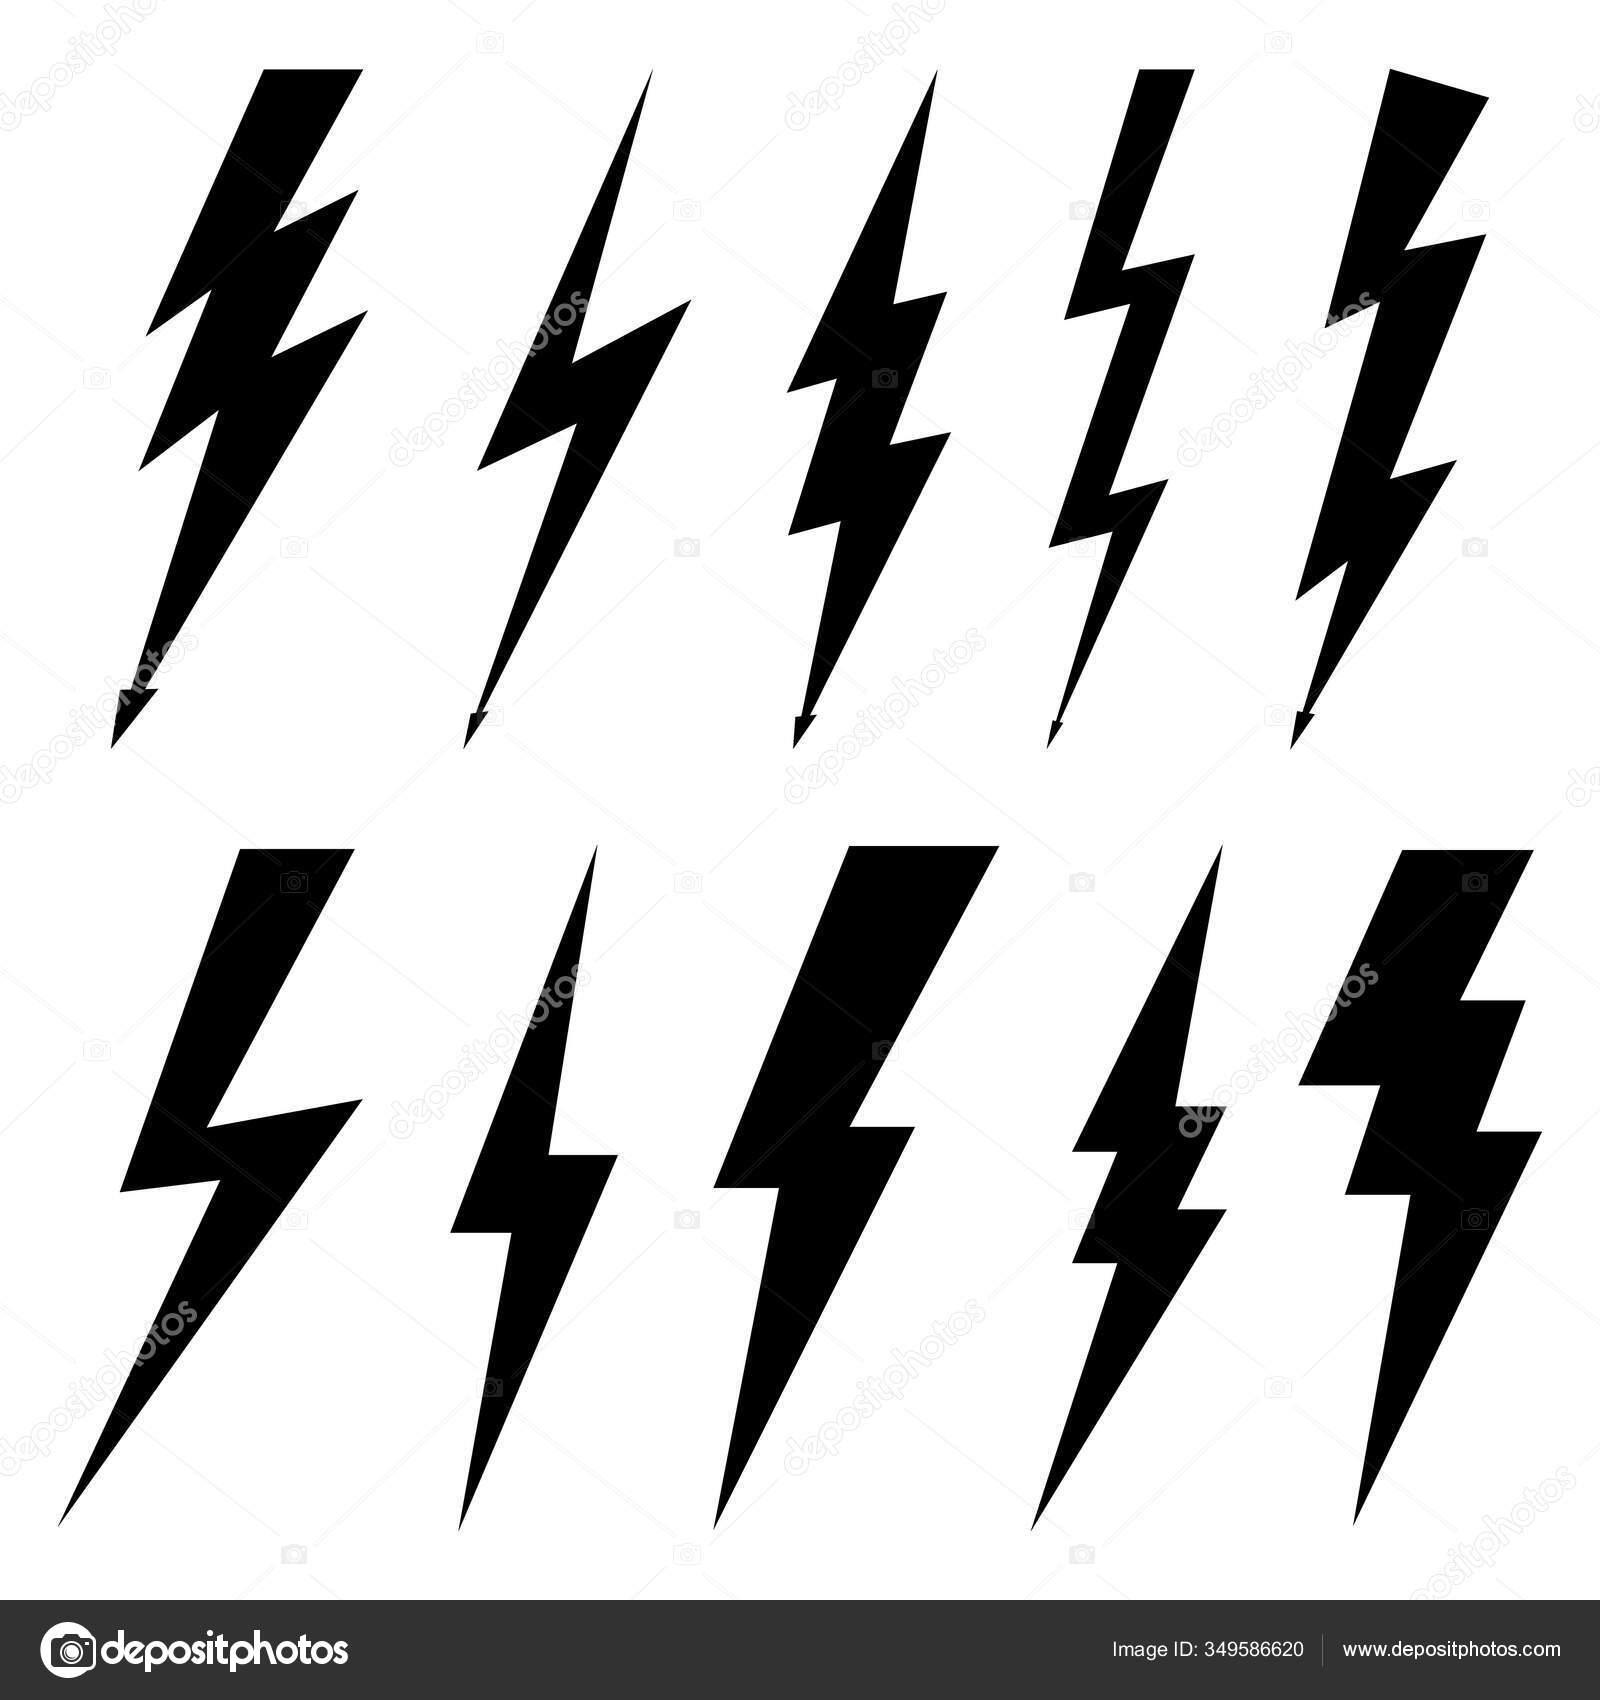 Thunderbolt Icons Isolated White Background Black Silhouettes Flat ...